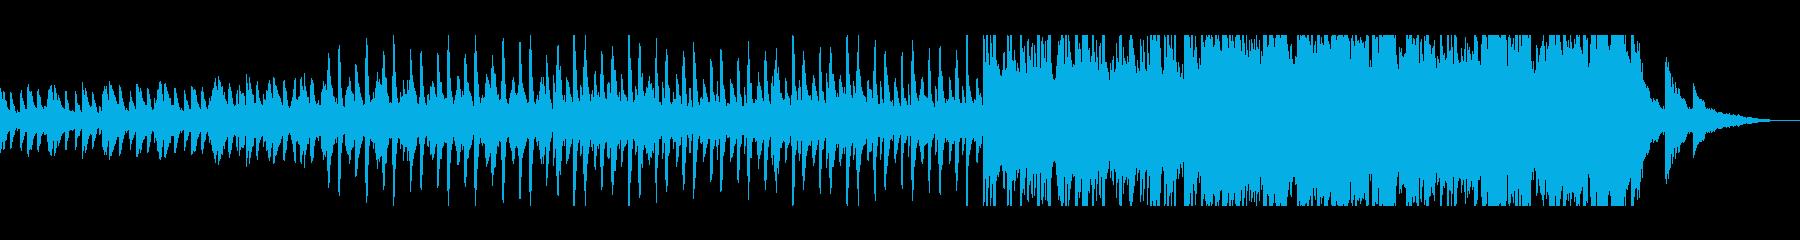 ピアノとストリングスのポリリズムの再生済みの波形